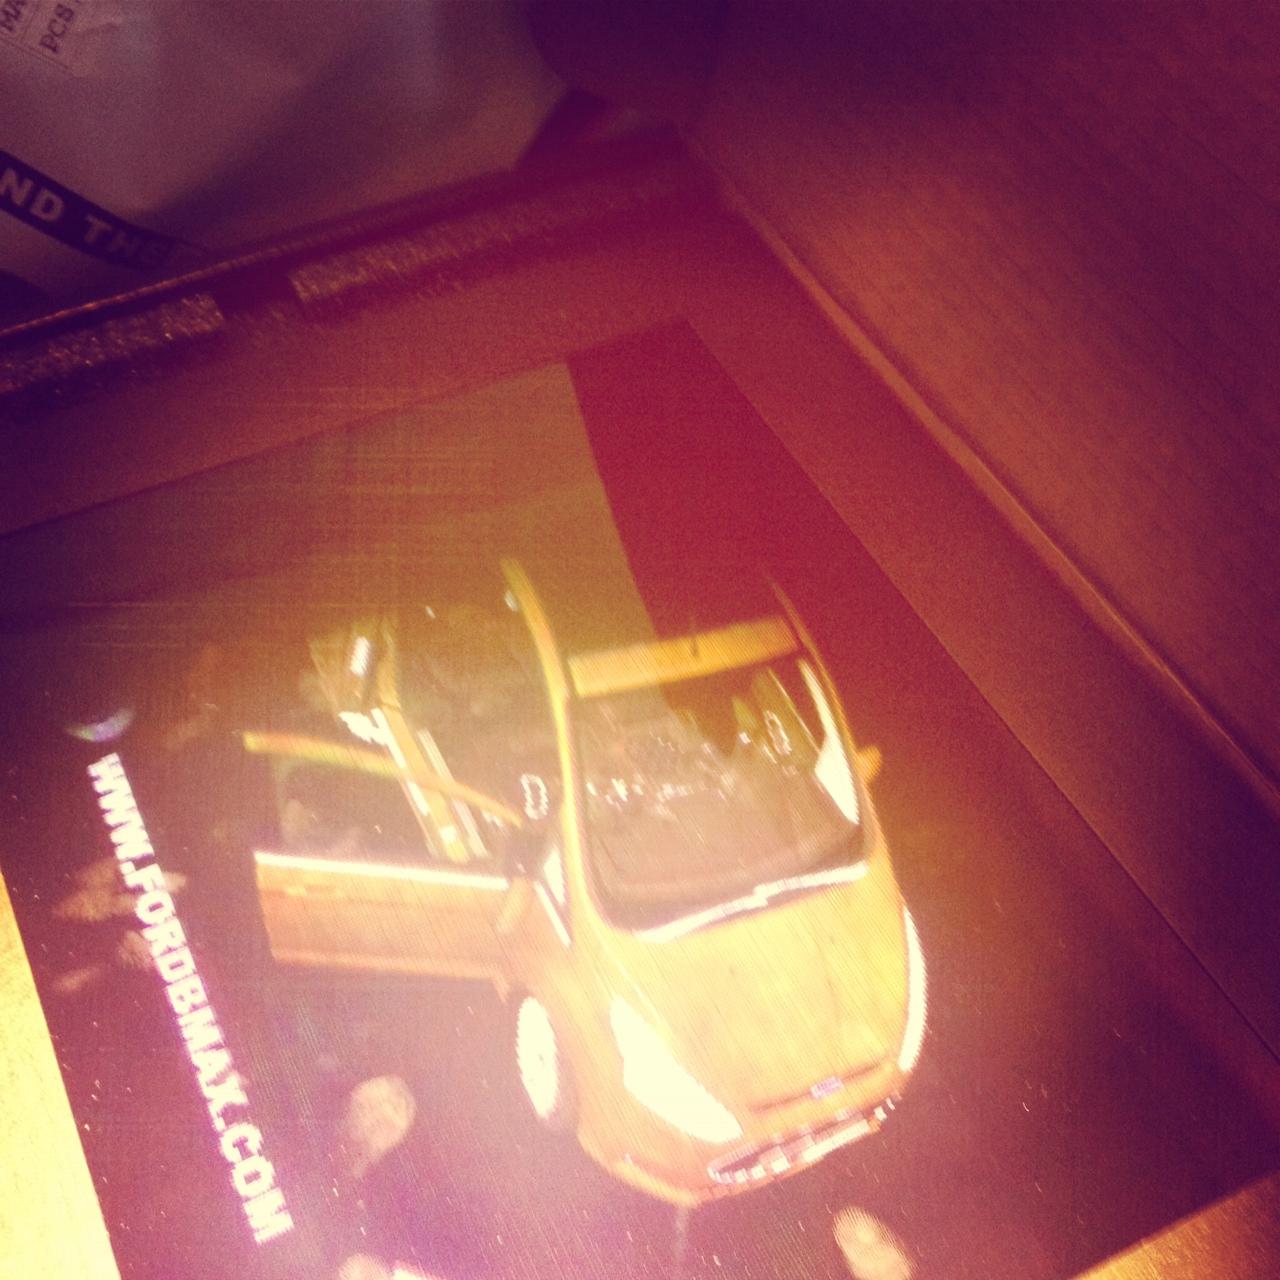 llllitl-ford-bmax-hologram-hologramme-digital-3D-peerindex-zebra-imaging